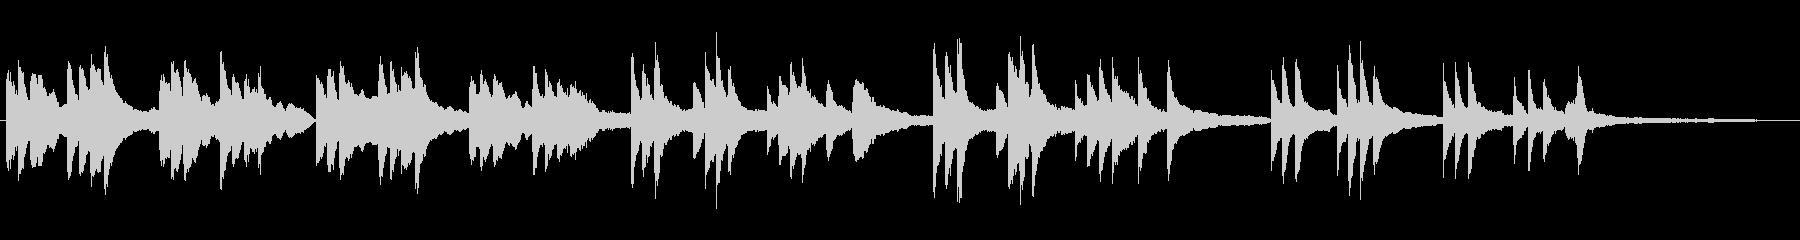 ピアノソロ・温かく優しいシンプルバラードの未再生の波形